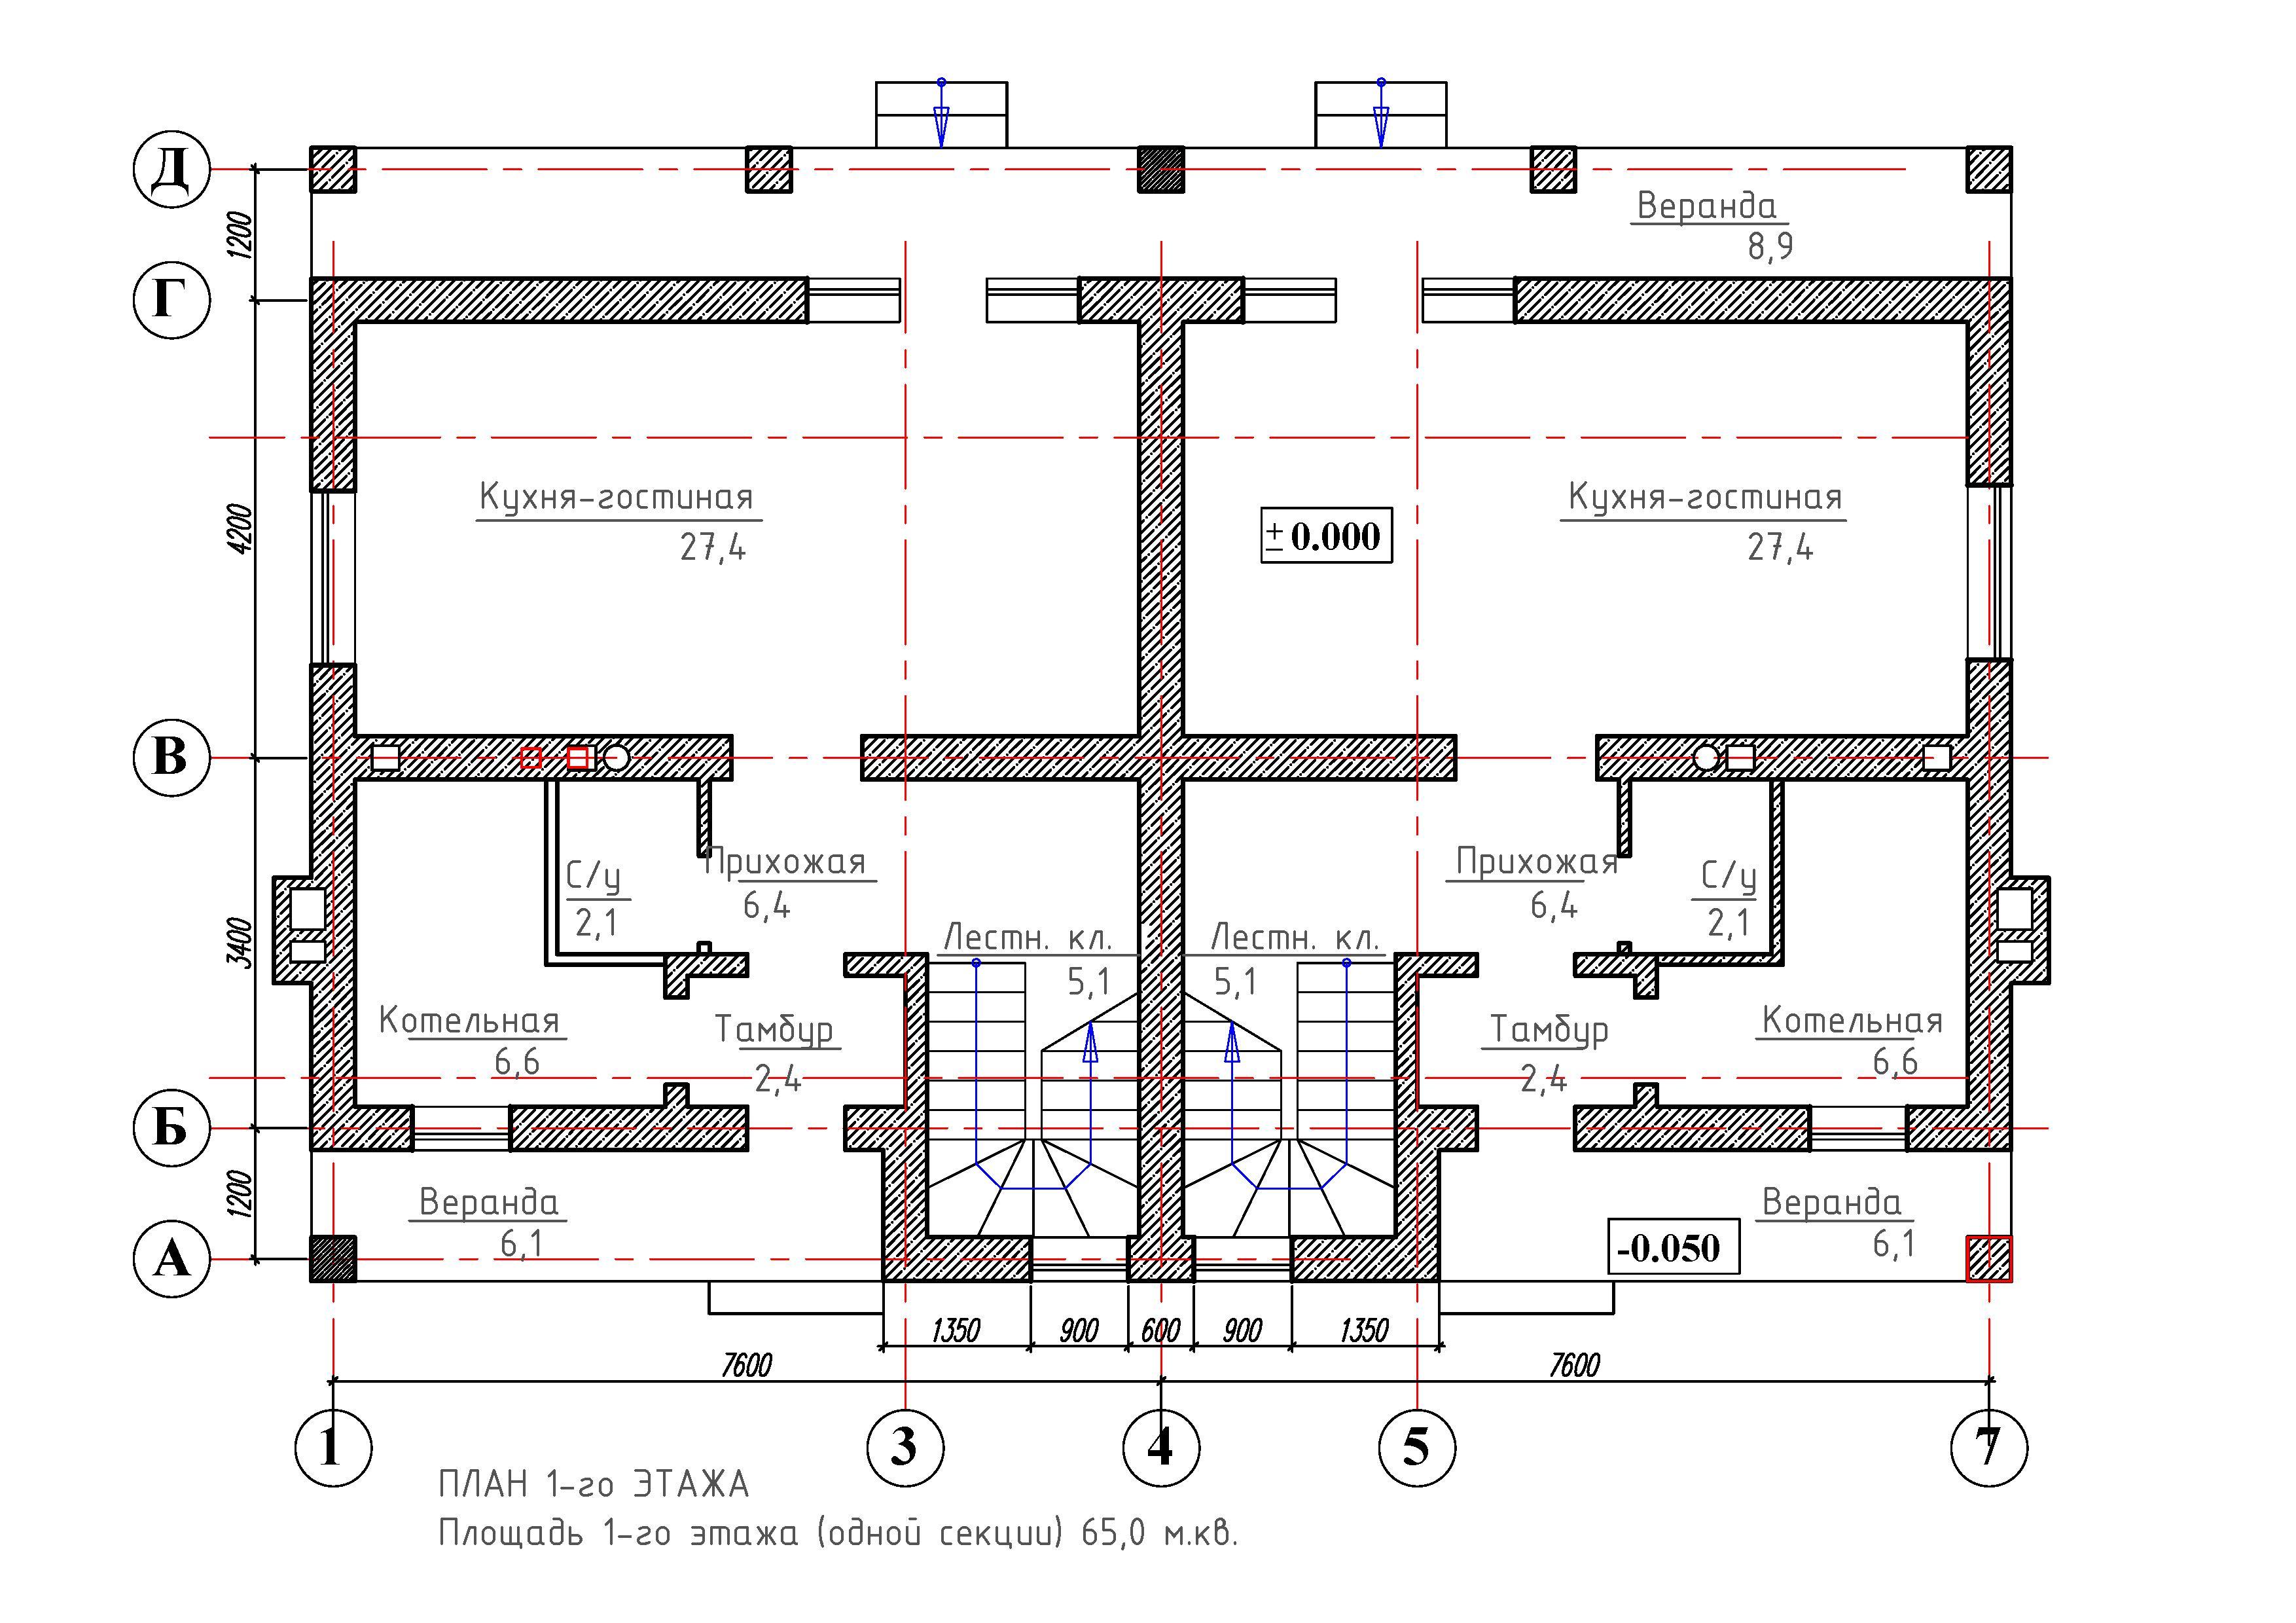 Проекты таунхаусов и дуплексов на 2, 4 семьи эконом класса, двухэтажные, особенности, фото в каталоге